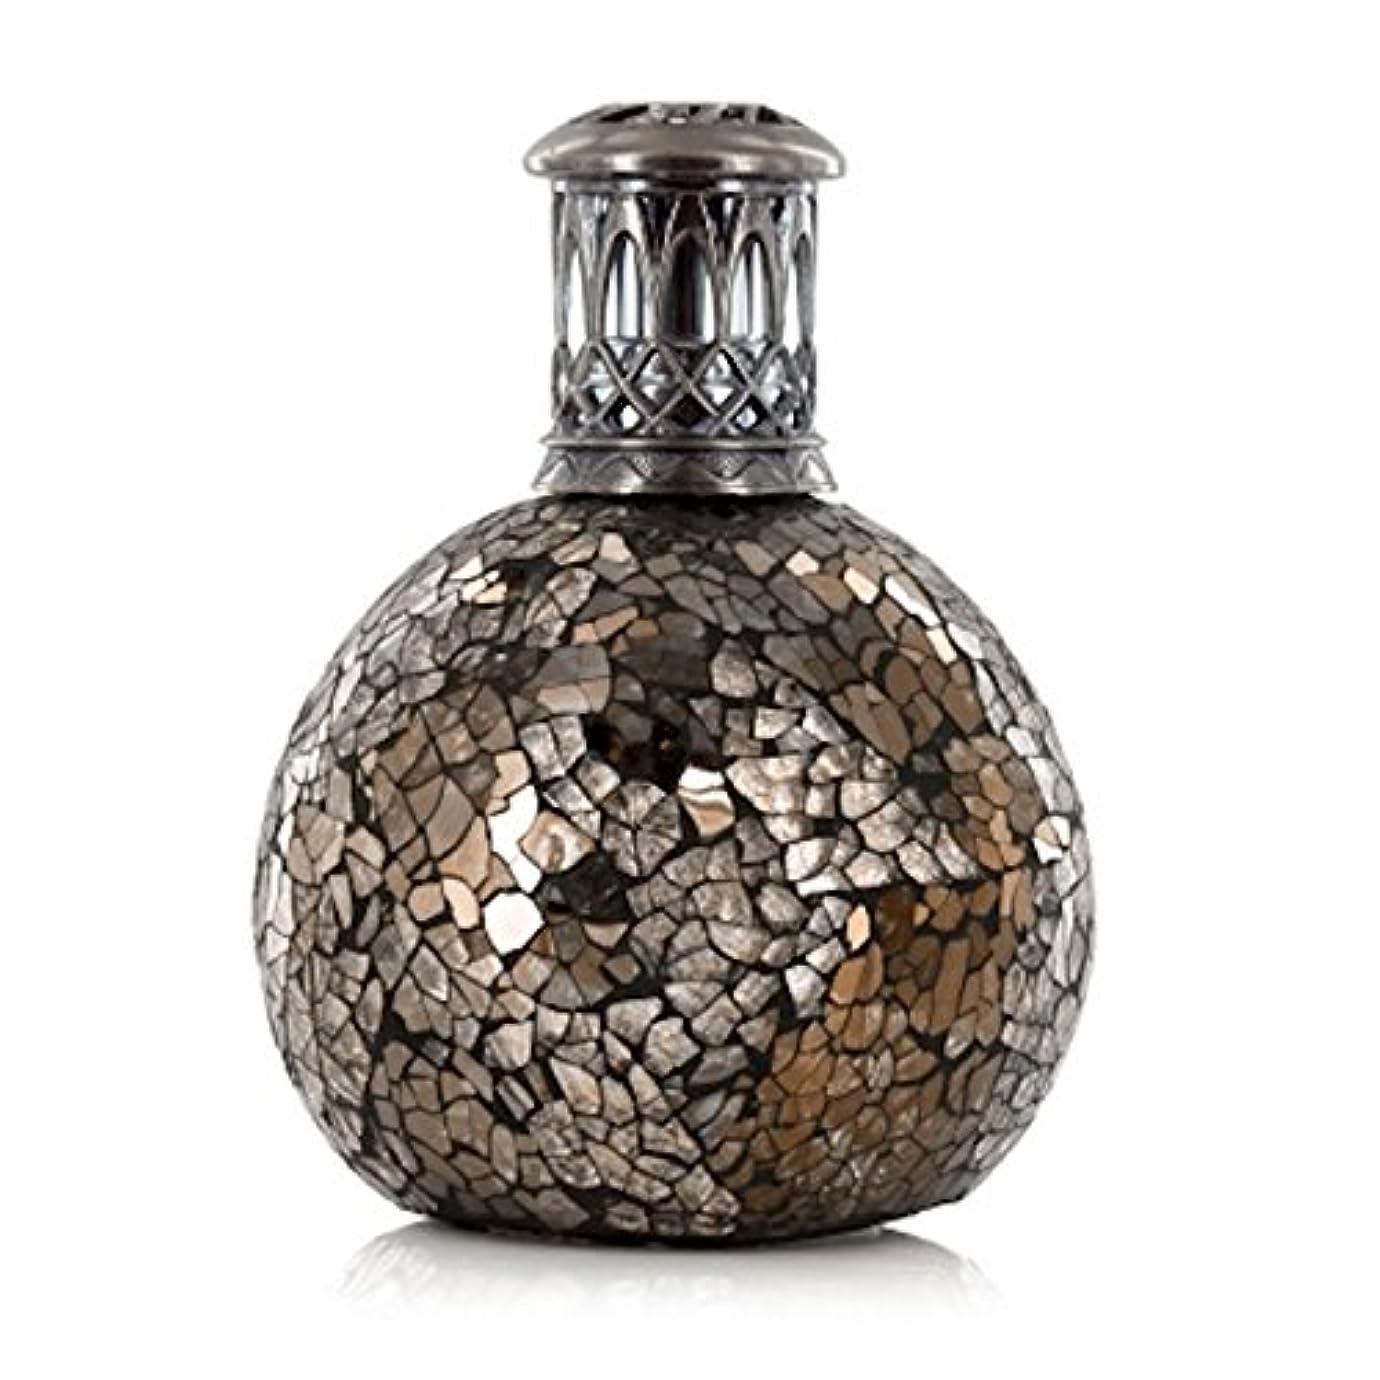 珍しい権限を与える法廷Ashleigh&Burwood フレグランスランプ S メタリックオール FragranceLamps sizeS MetalicOre アシュレイ&バーウッド